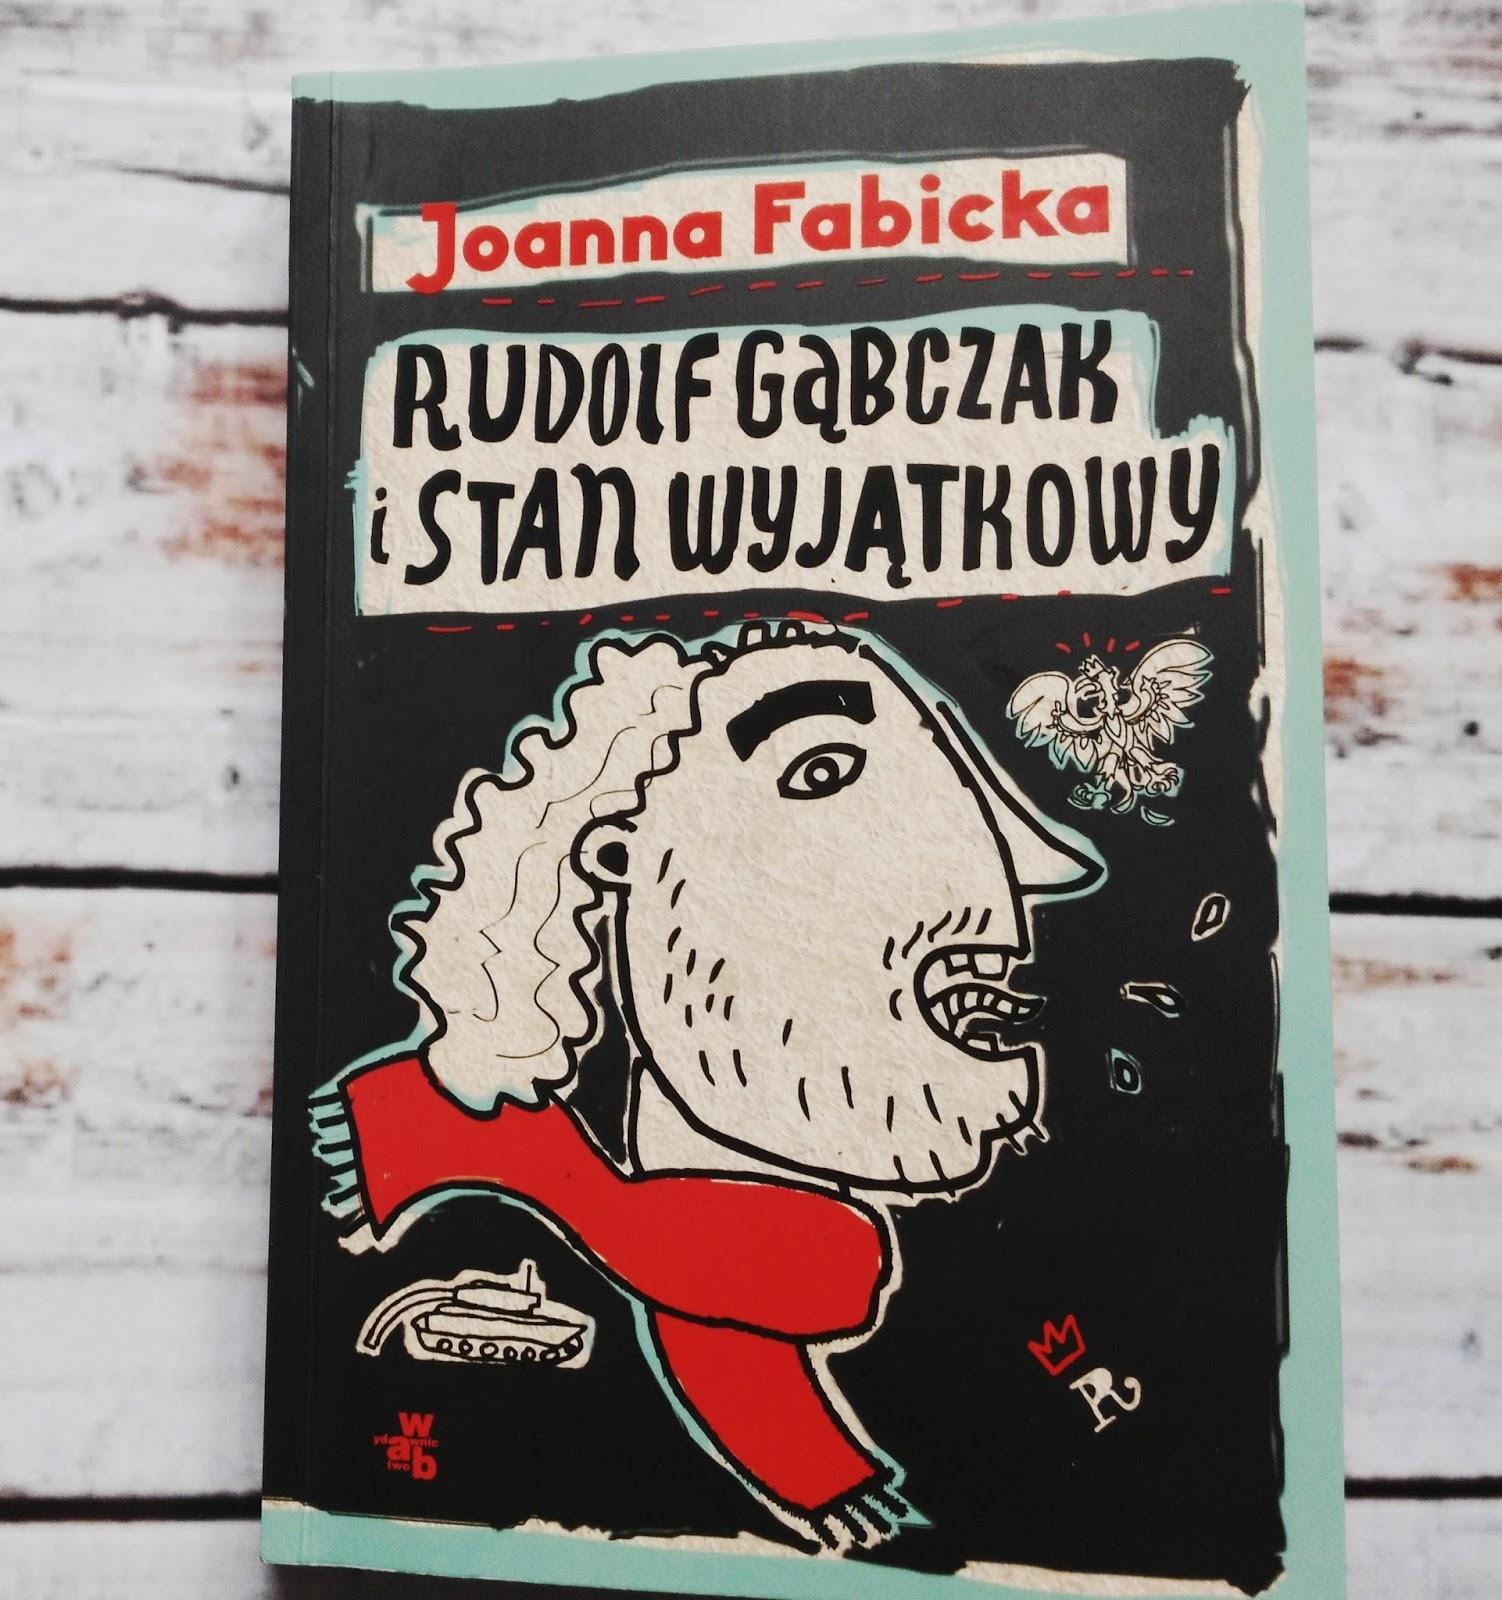 Rudolf Gąbczak i stan wyjątkowy Joanna Fabicka - recenzja